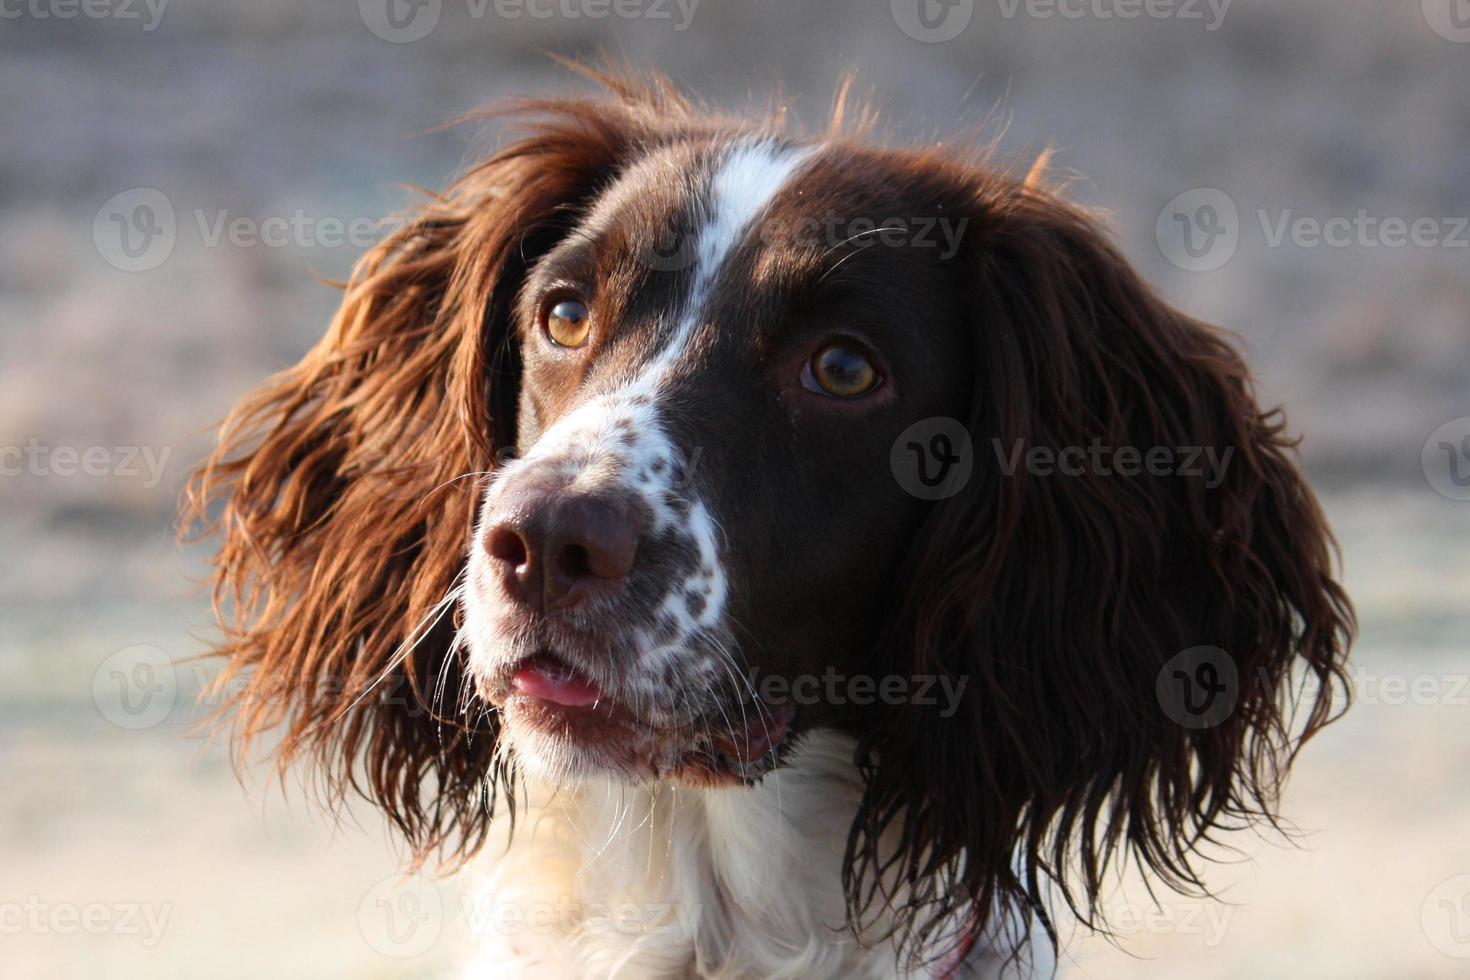 Arbeitstyp Englisch Springer Spaniel Haustier Jagdhund foto